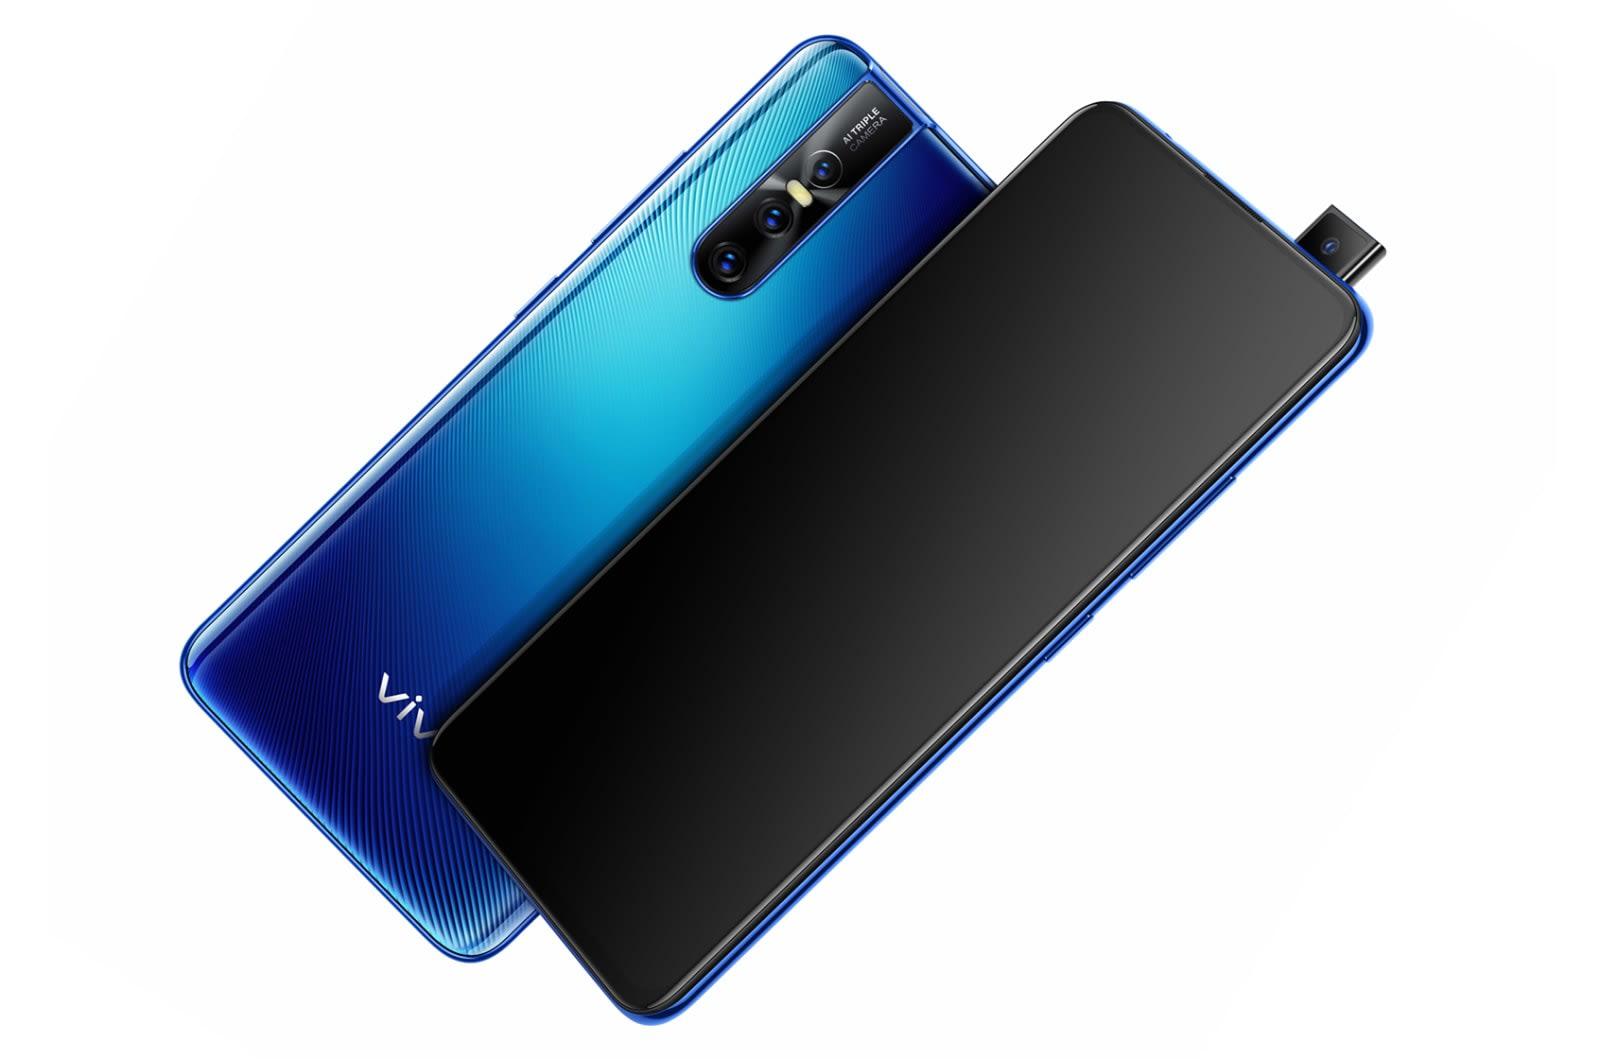 Vivo's notch-free V15 Pro has a 32-megapixel pop-up selfie